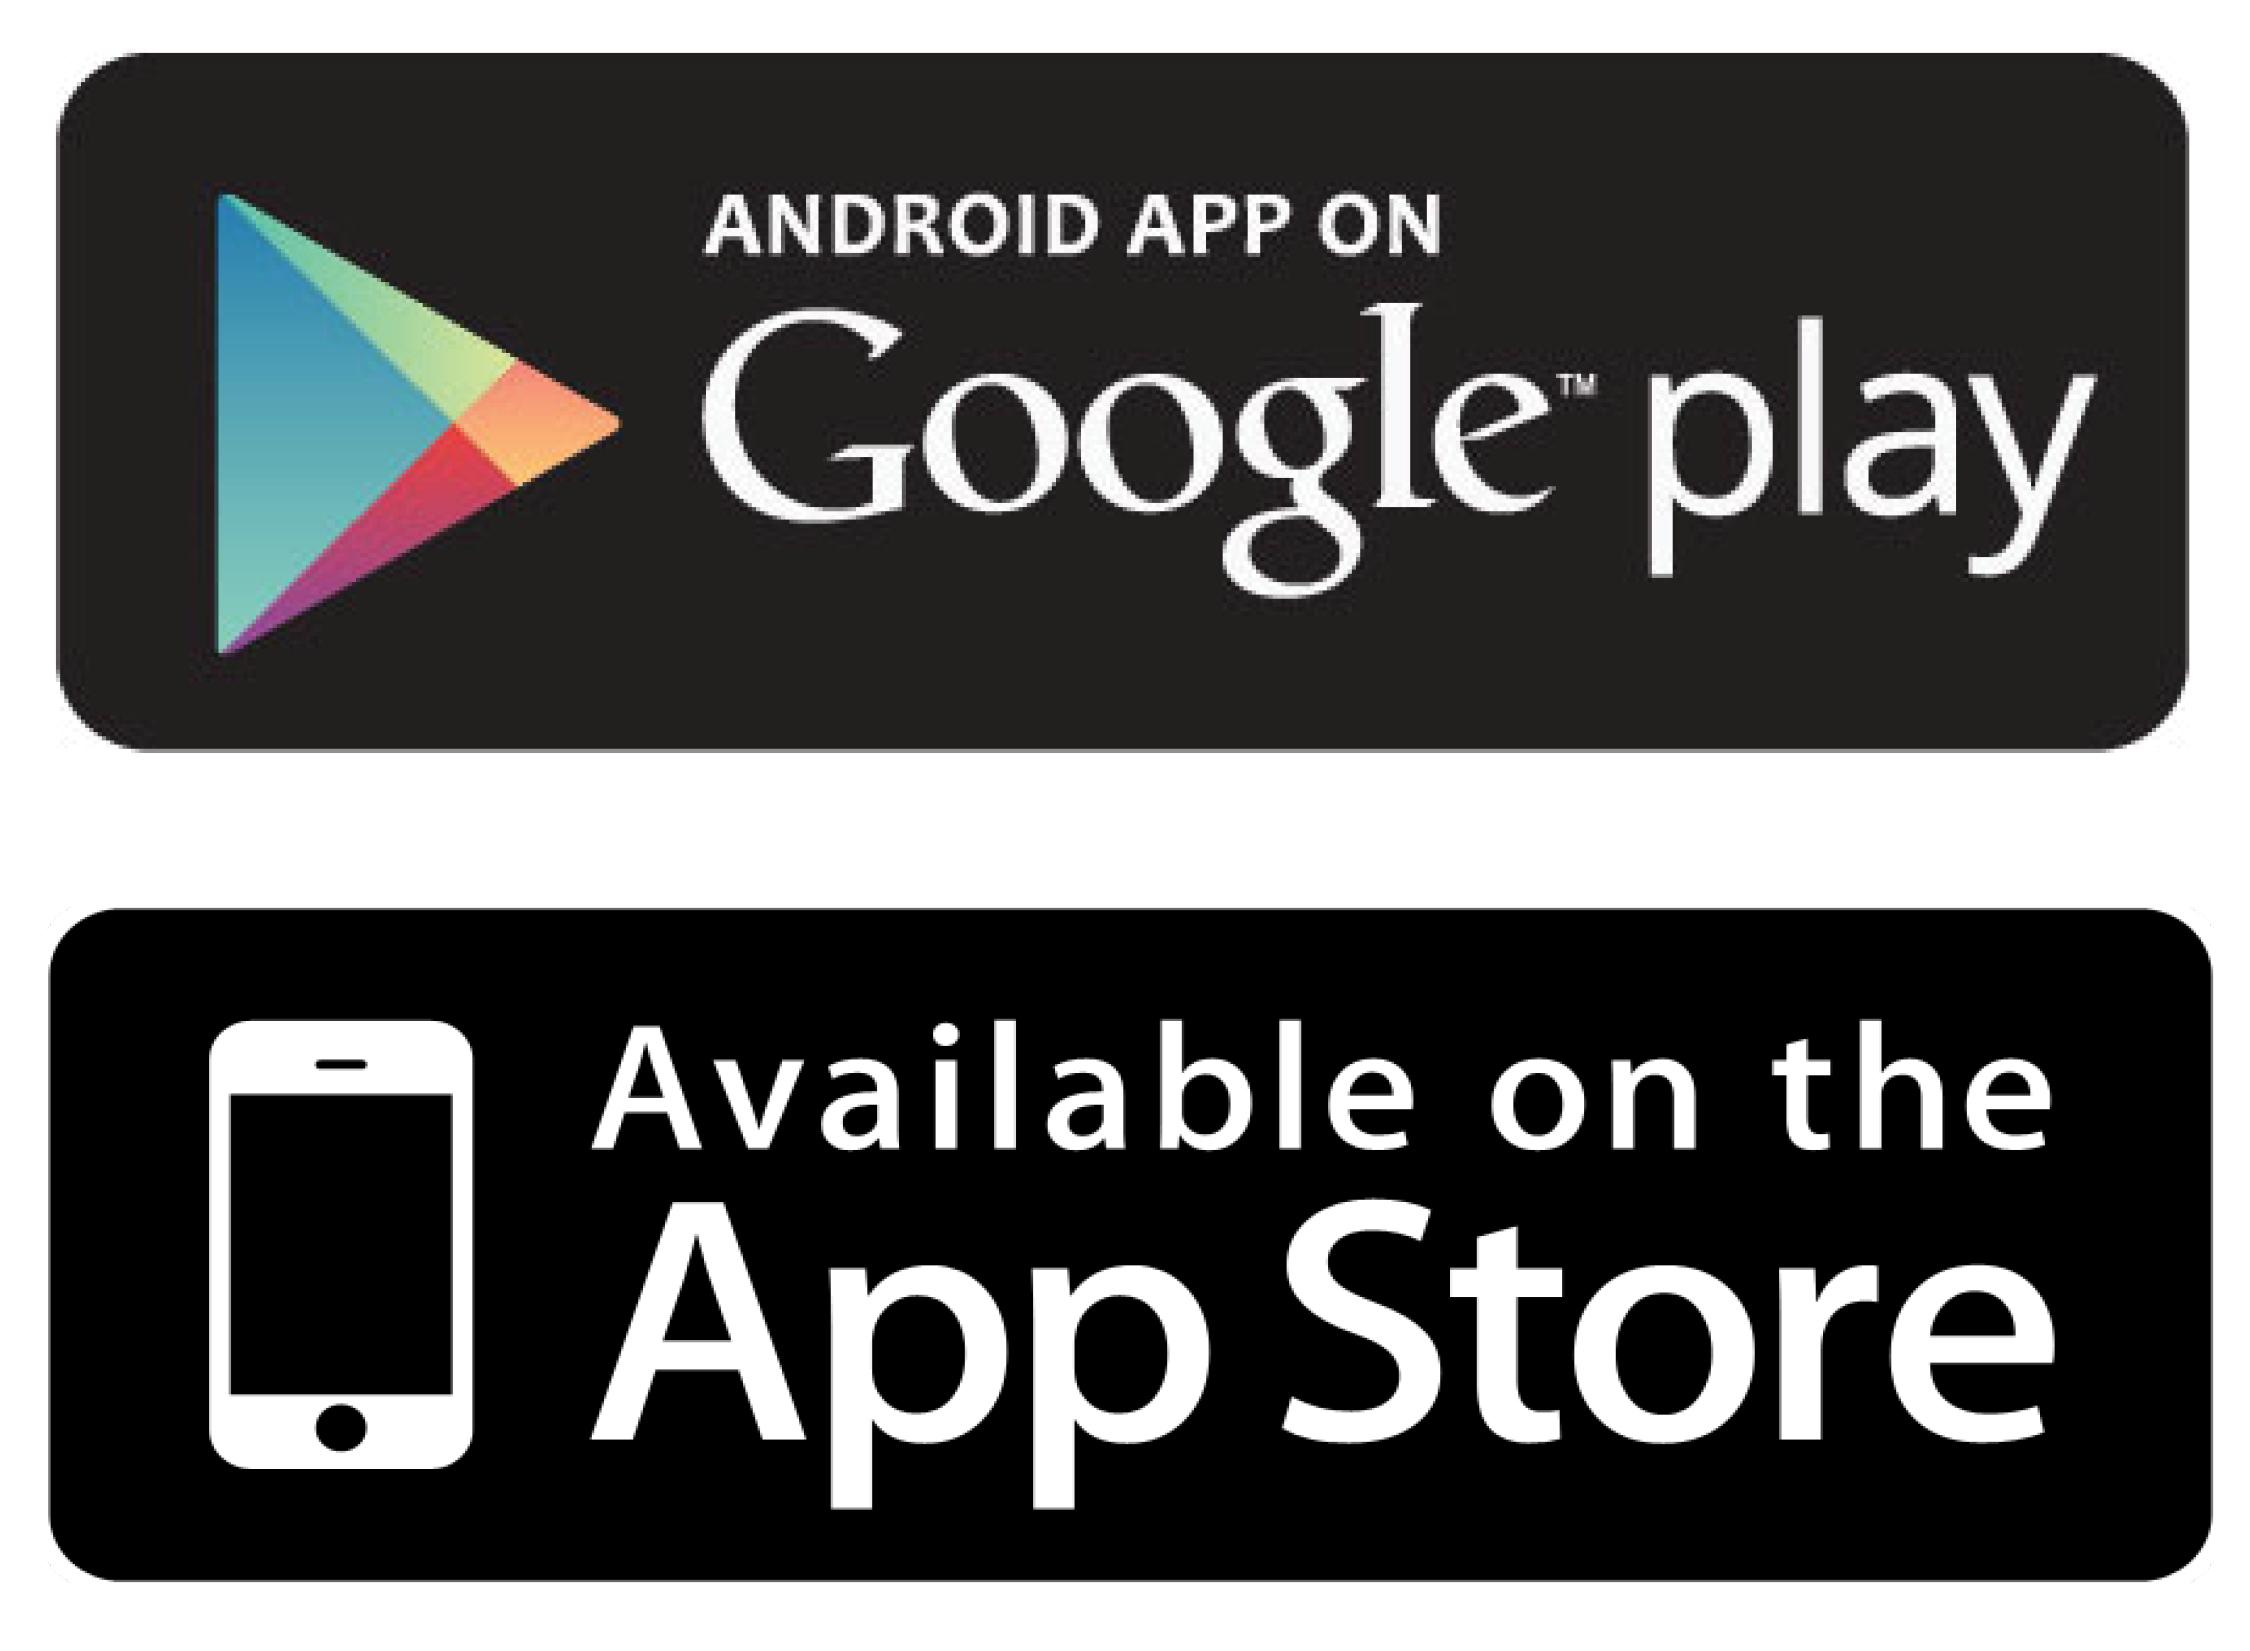 app store uygulama yüklerken dikkat edilmesi gerekenler